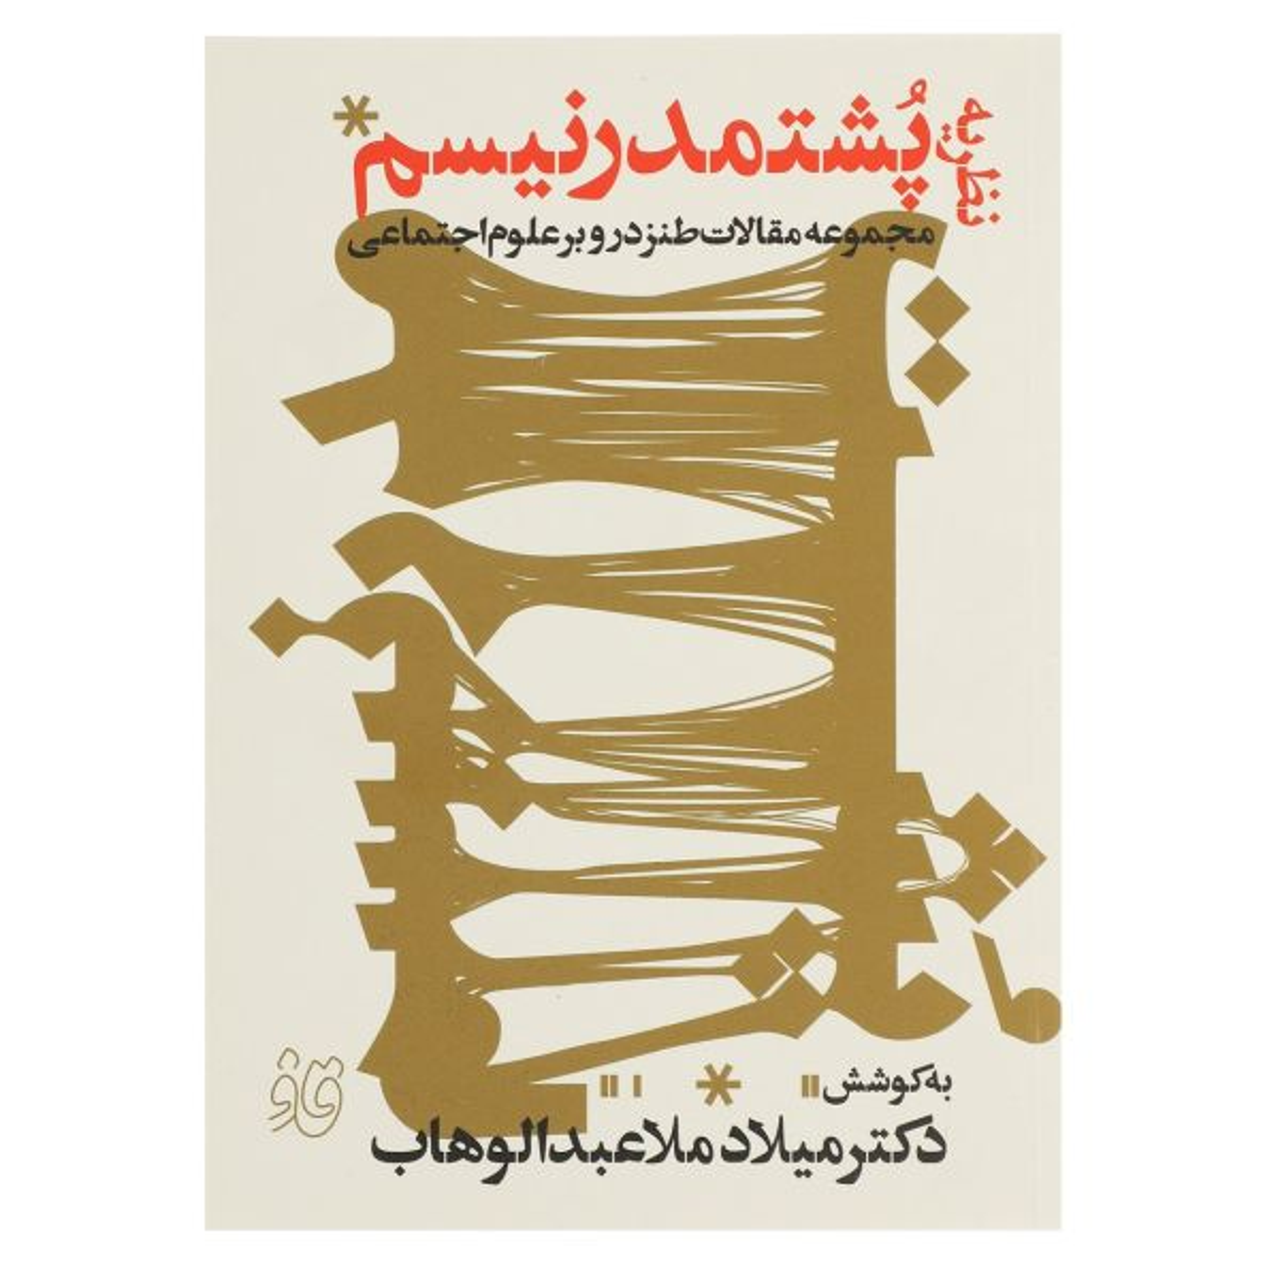 کتاب نظریه پشت مدرنیسم اثر میلاد عبدالوهاب